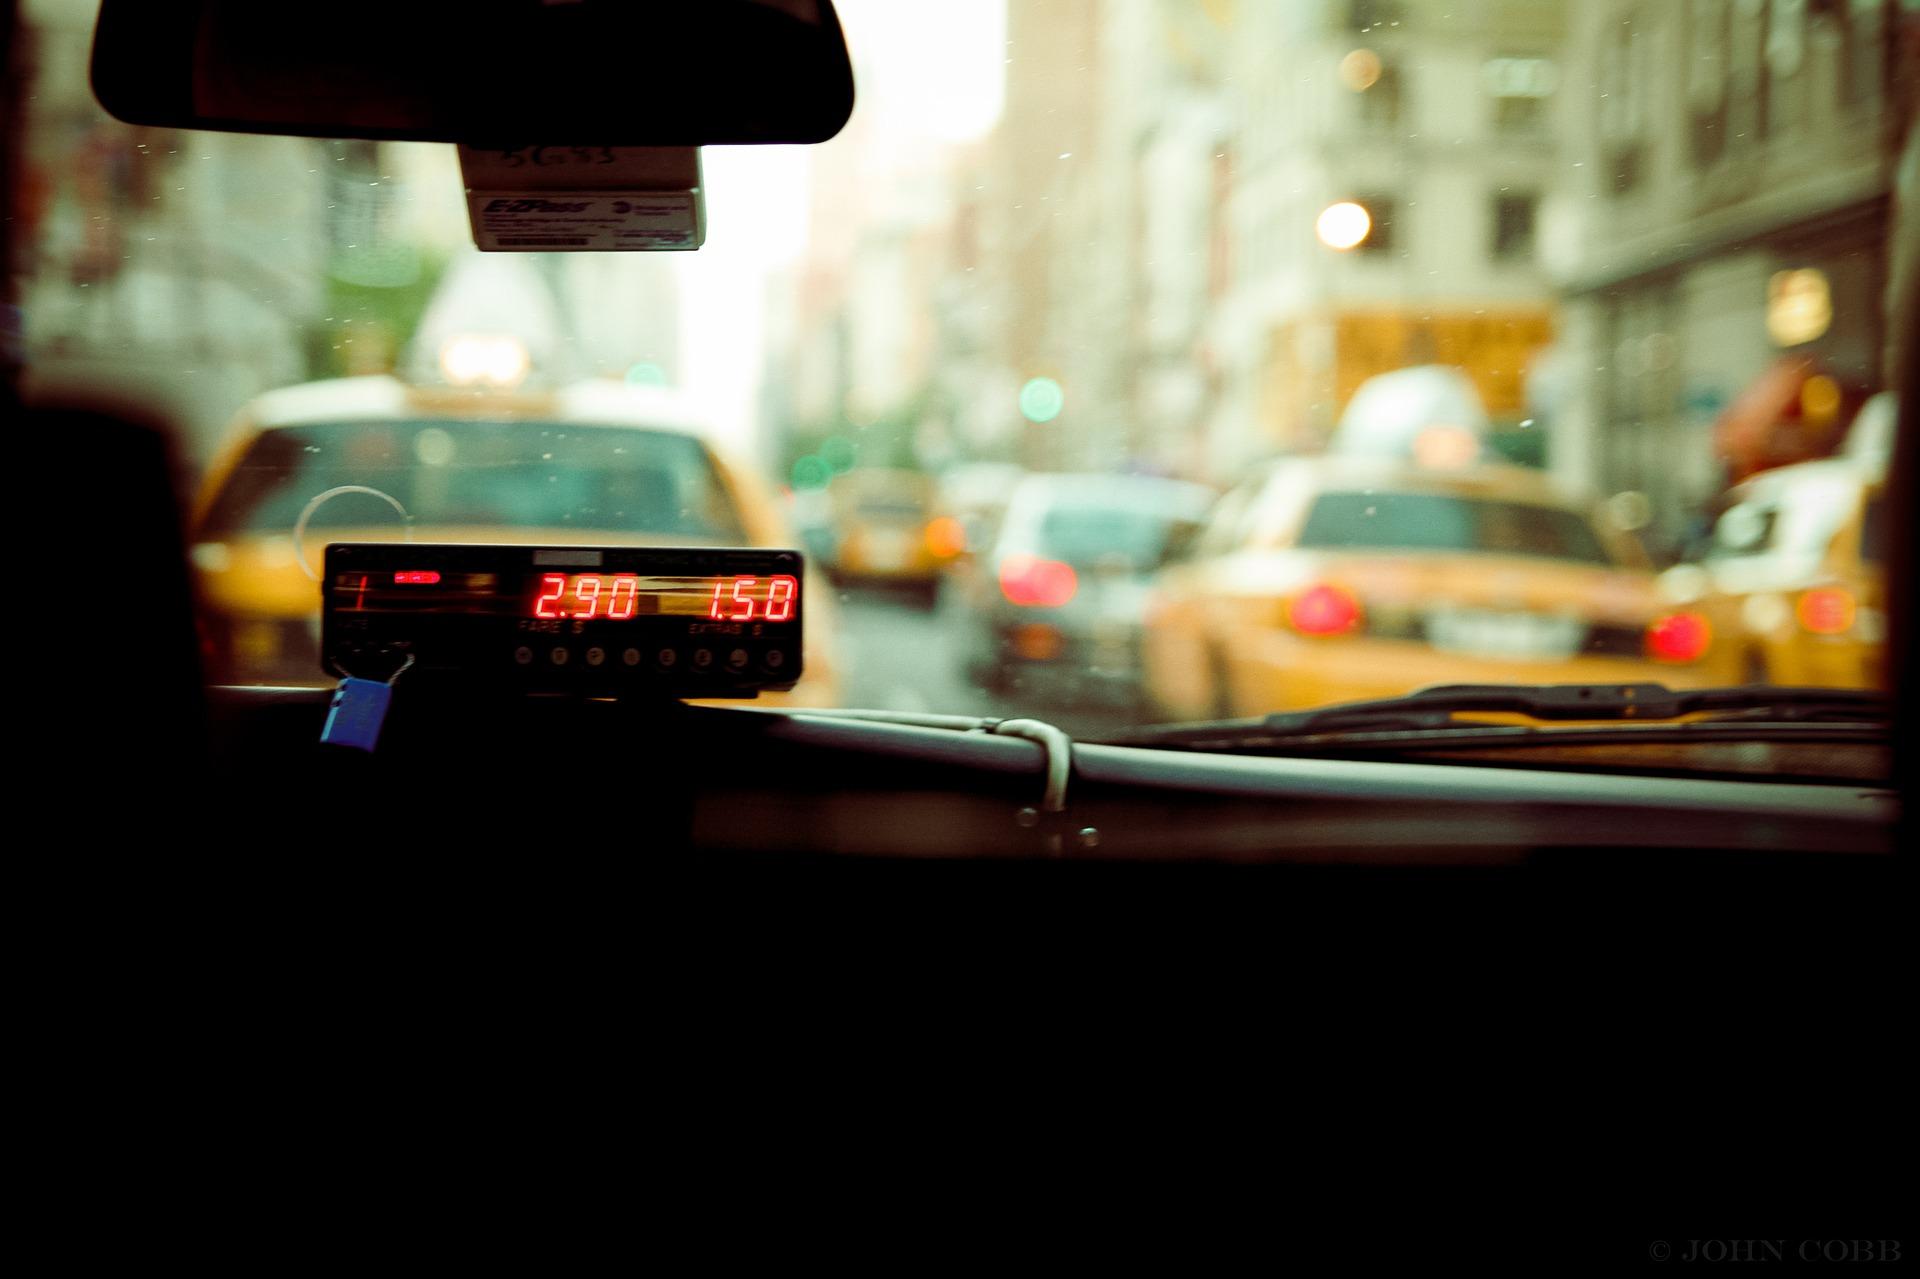 Бонусы для водителей Яндекс.Такси, как и за что начисляются